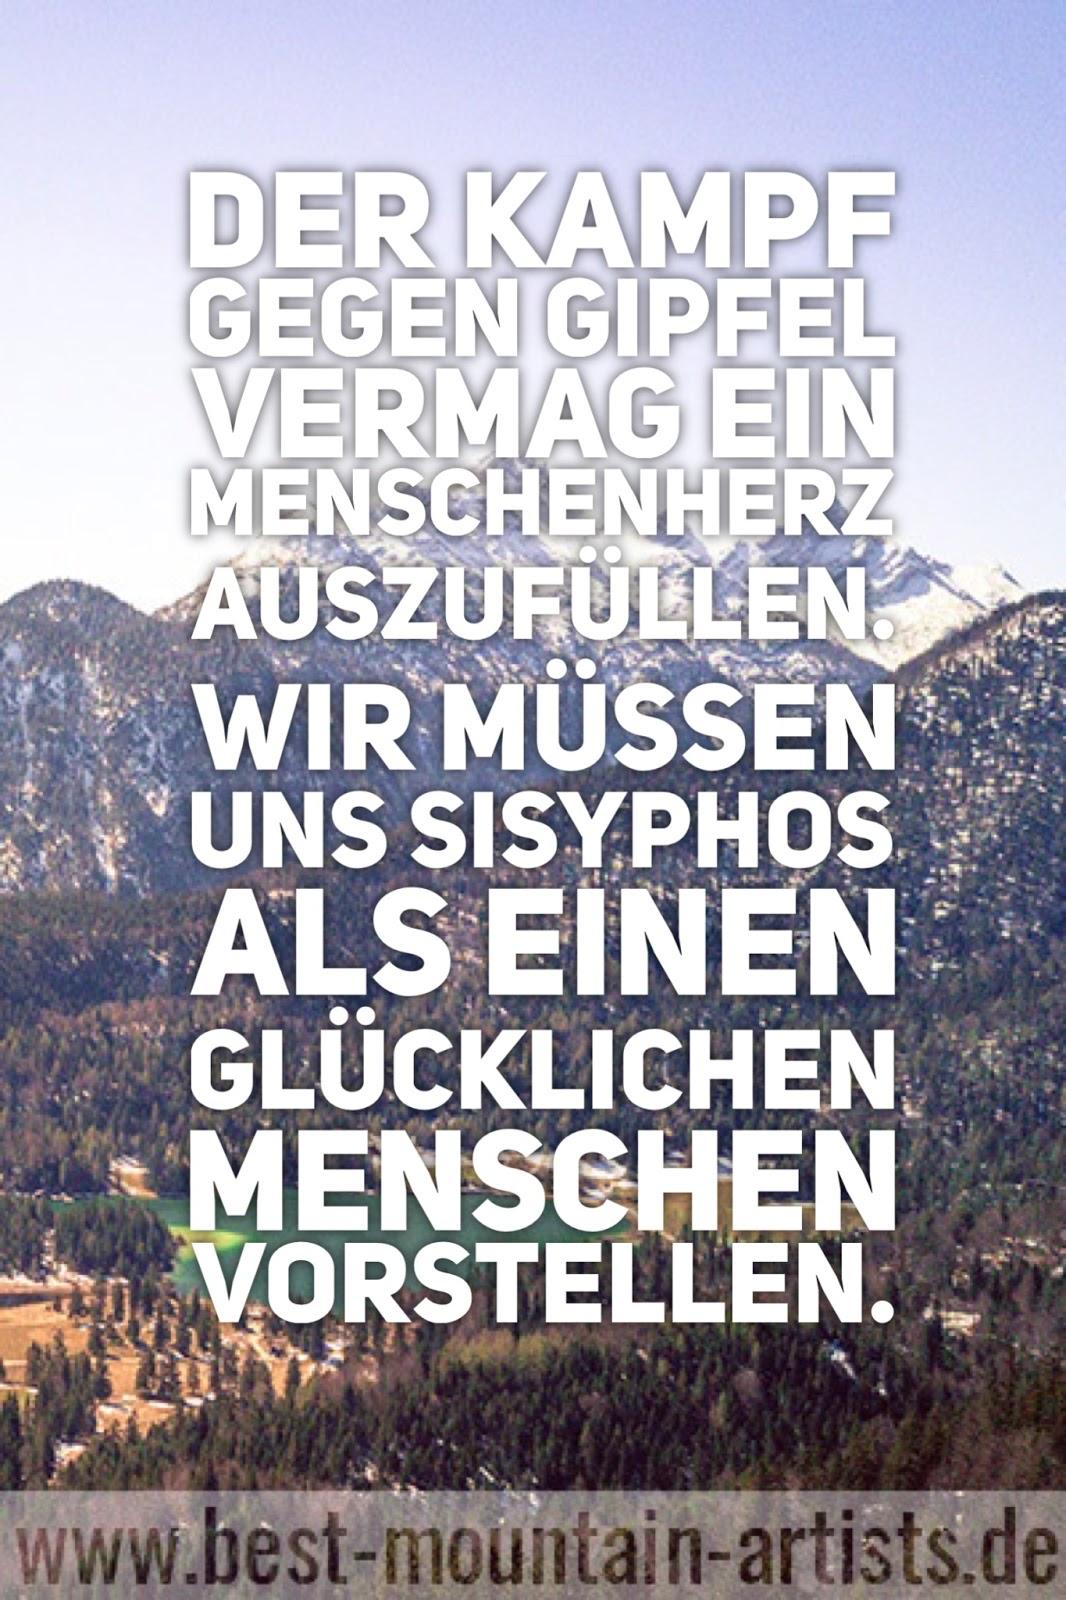 """""""Der Kampf gegen Gipfel vermag ein Menschenherz auszufüllen. Wir müssen uns Sisyphos als einen glücklichen Menschen vorstellen."""", Albert Camus"""